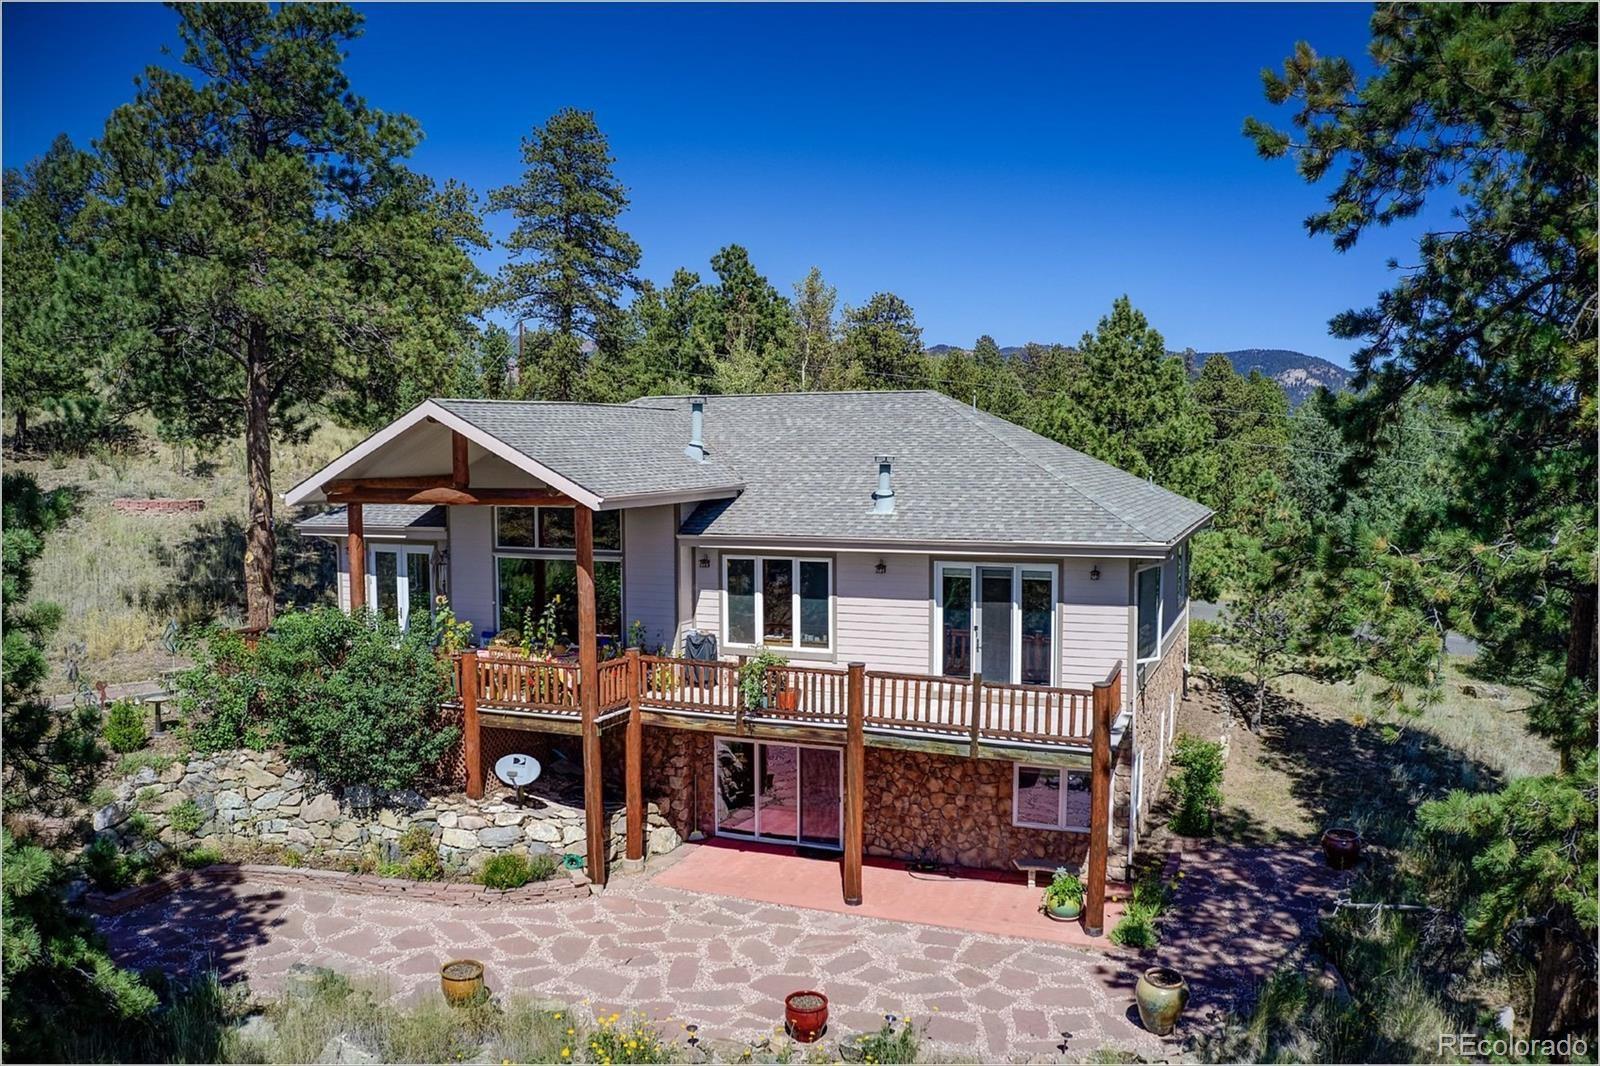 MLS# 7982246 - 5 - 13831 Douglas Ranch Drive, Pine, CO 80470